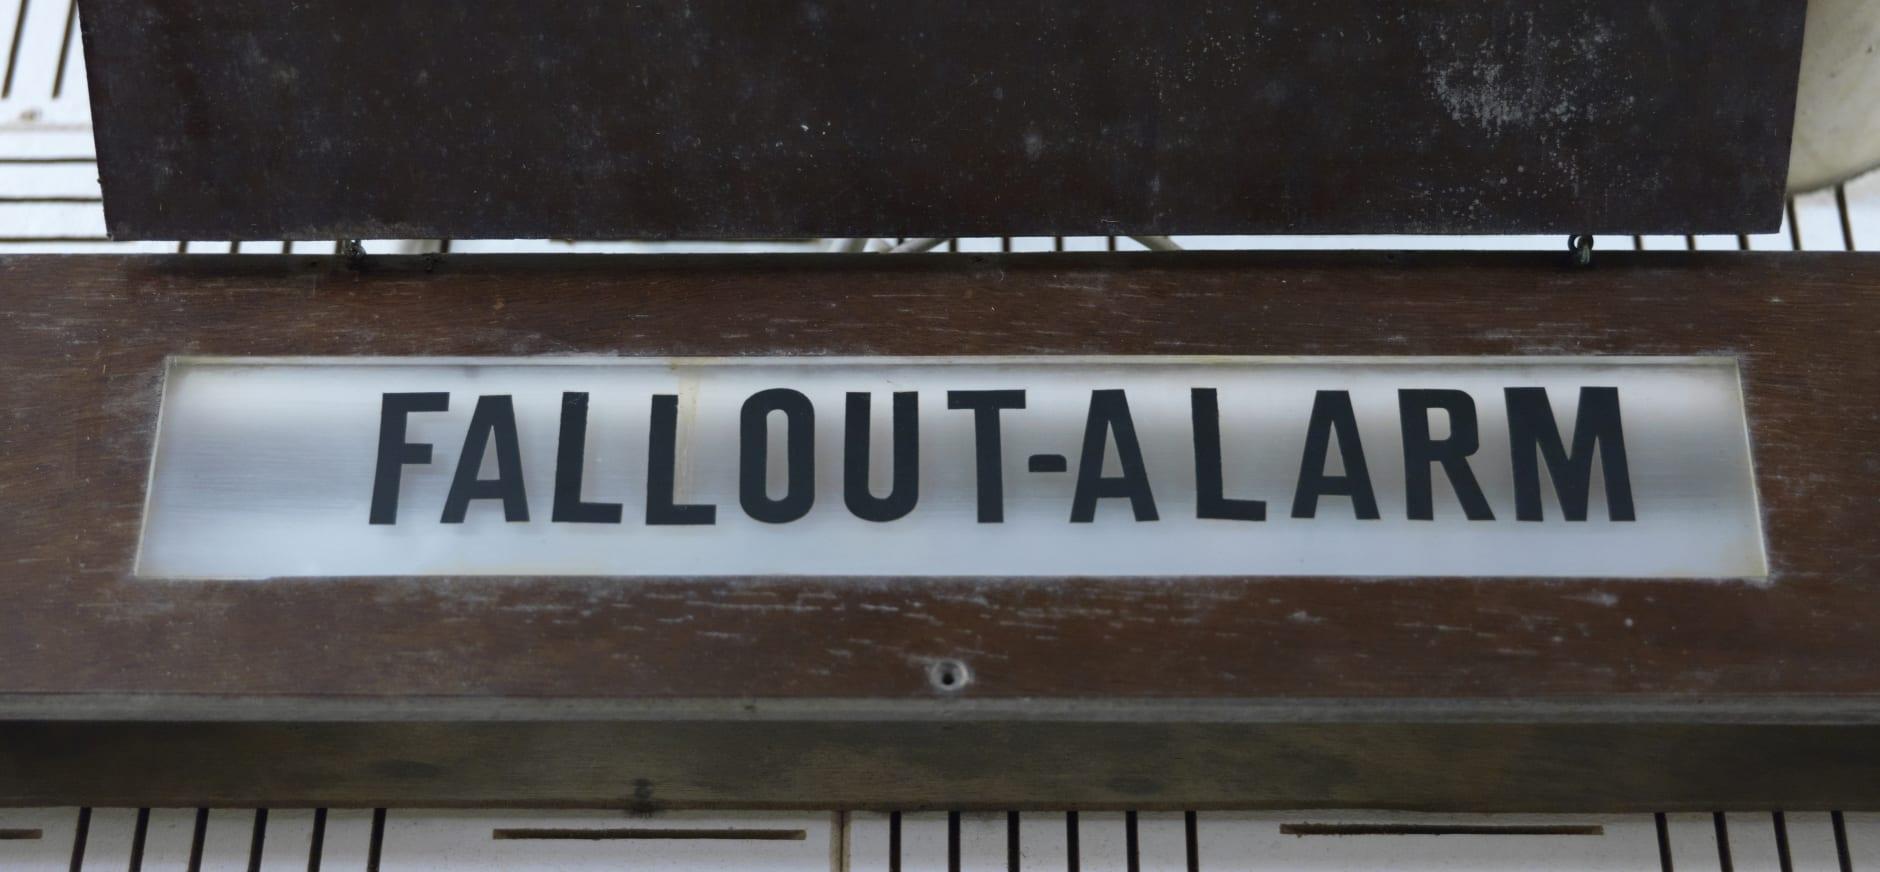 Fallout alarm